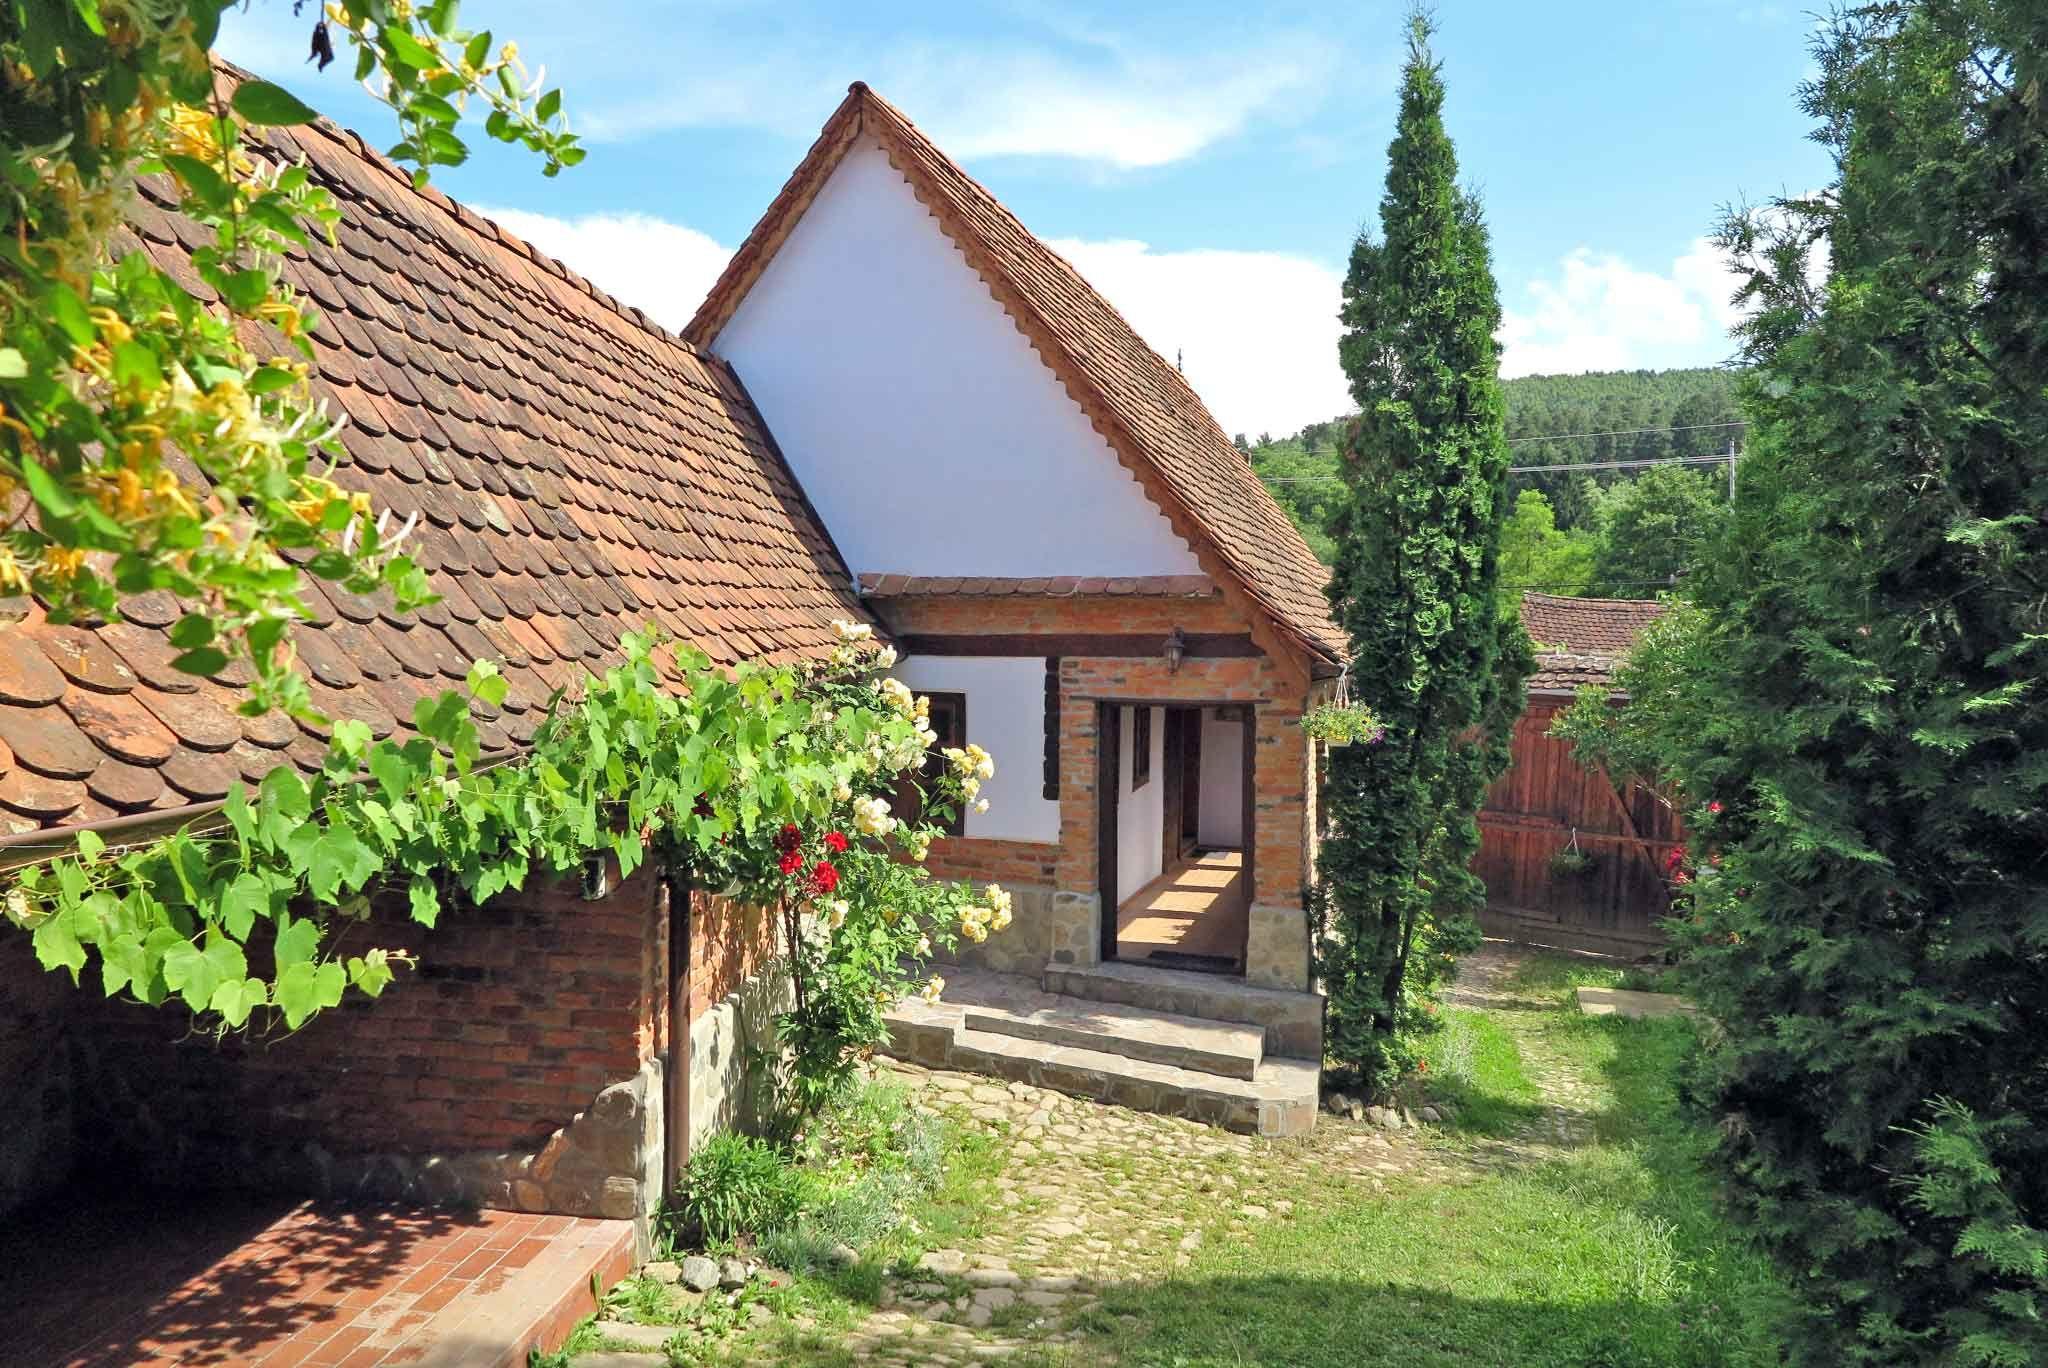 CASA LOPO Bauernhof in urigem Hirtendorf am Fuße der Karpaten Transsilvaniens bei Sibiu Hermannstadt Siebenbürgen Rumänien